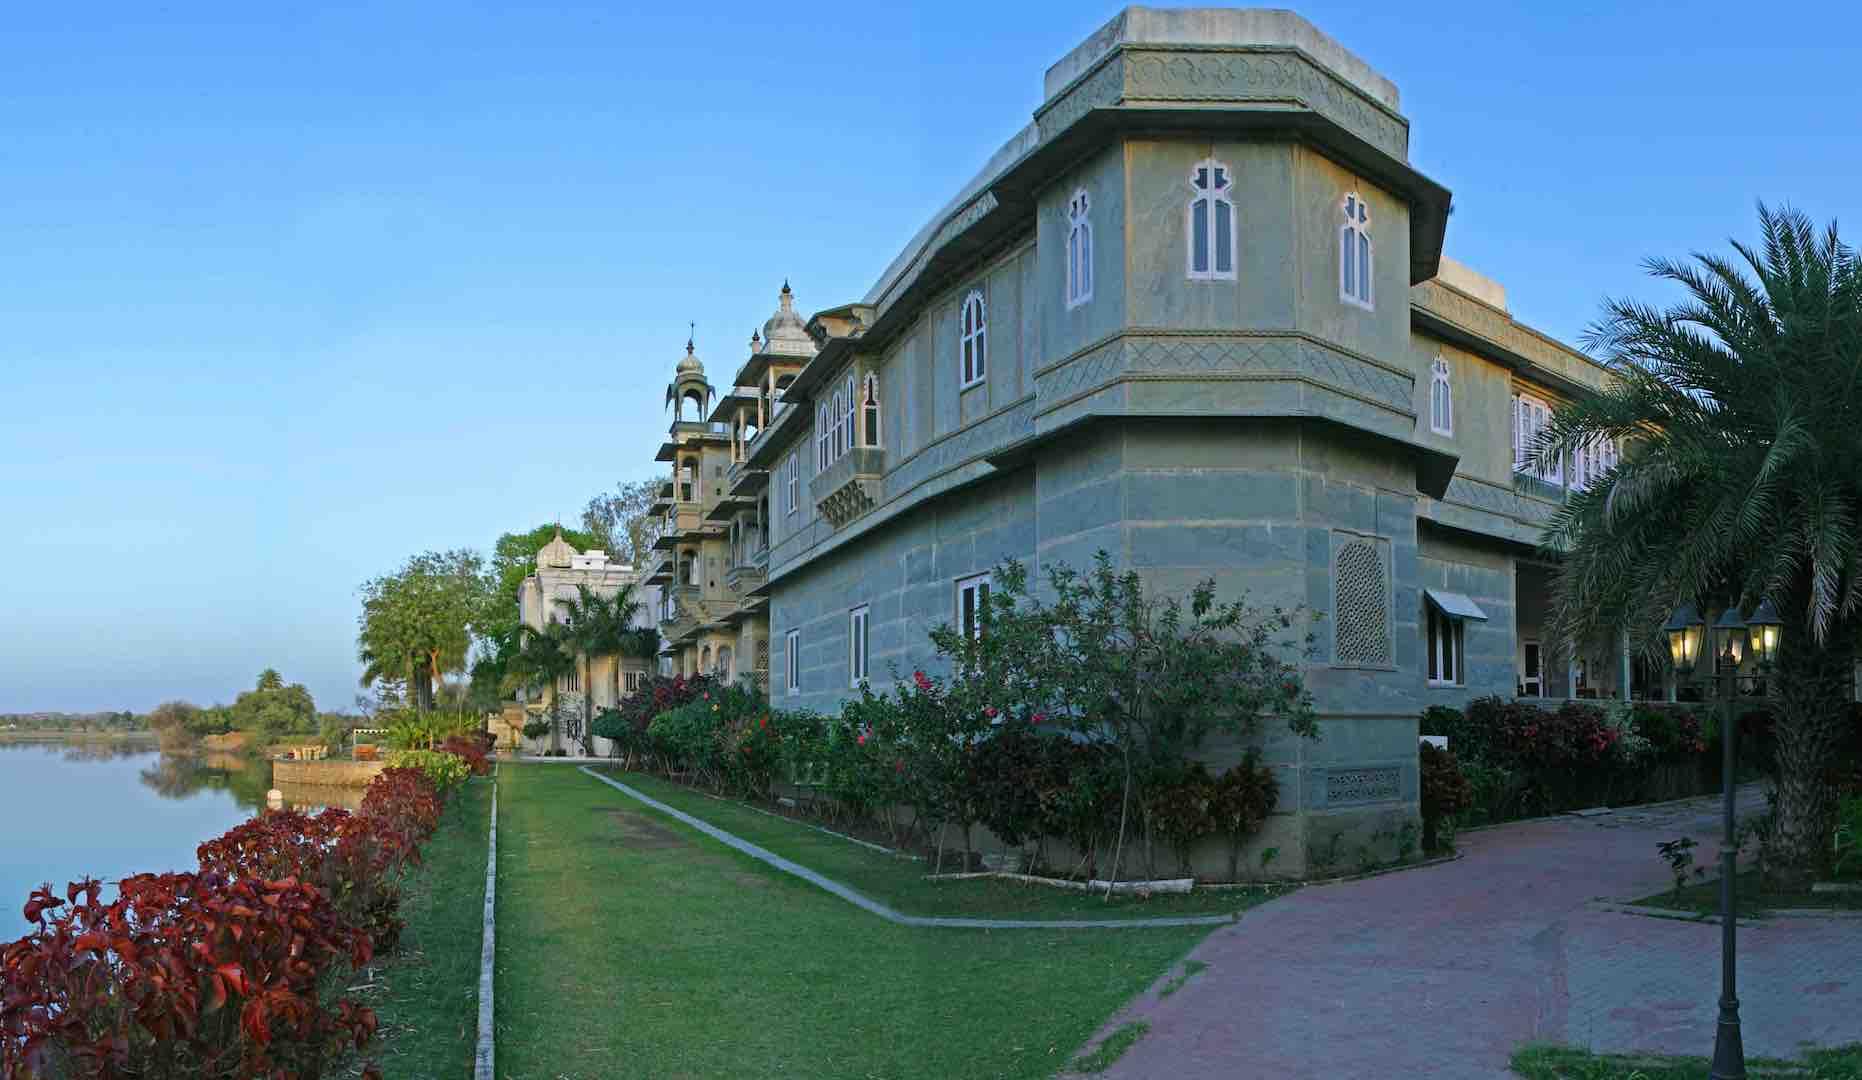 Dungarpur-UdaiBilas-Lakefront1-Panorama1.jpg